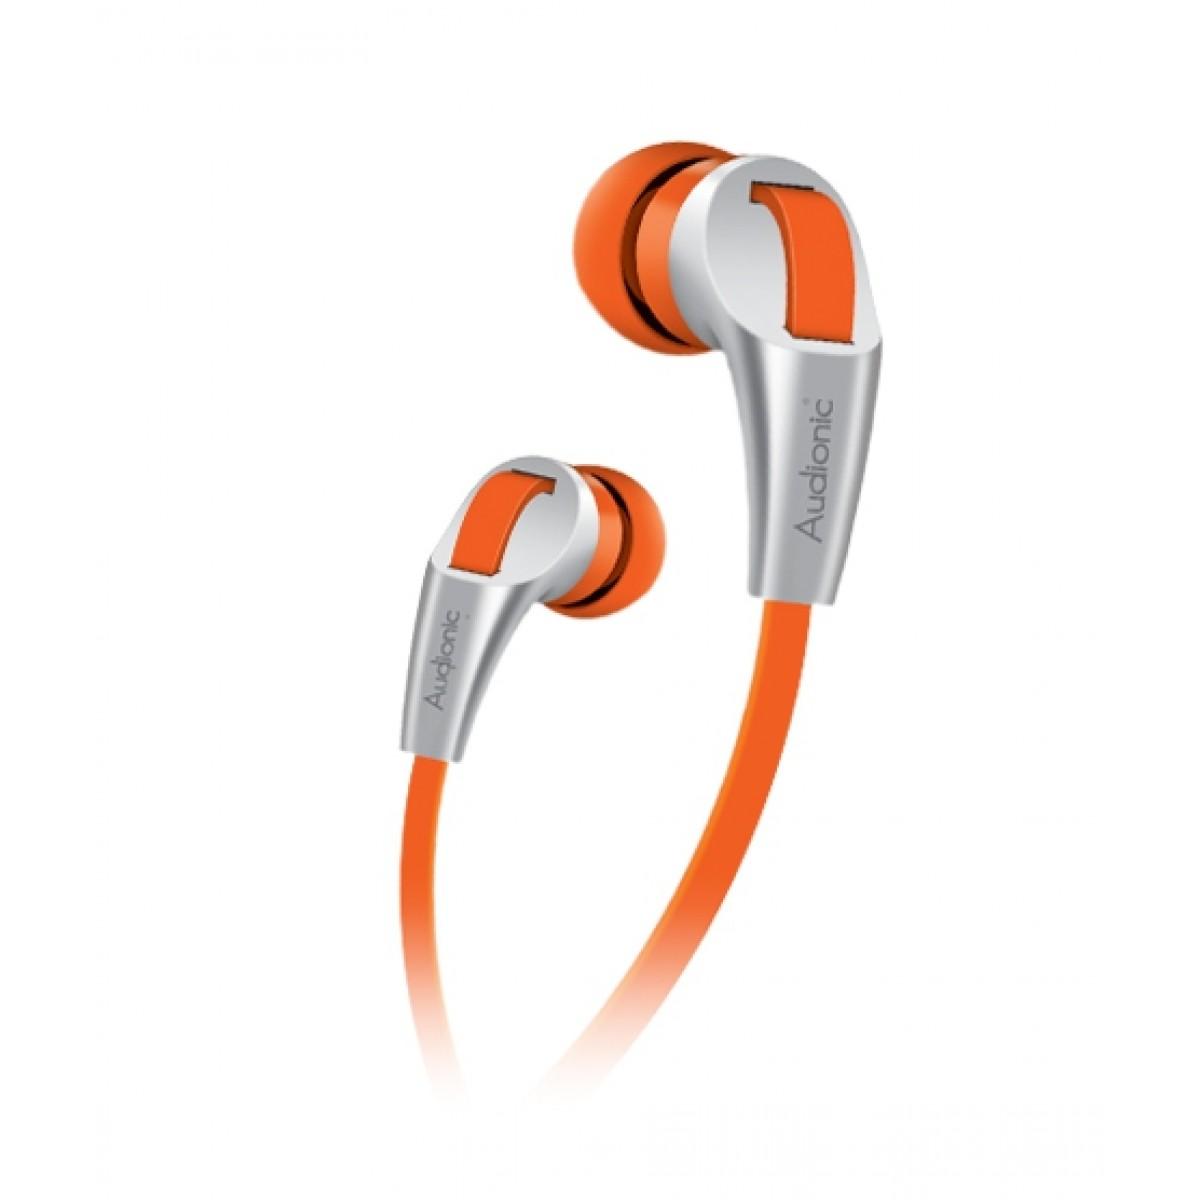 Audionic Thunder In-Ear Earphone Orange (T-30)